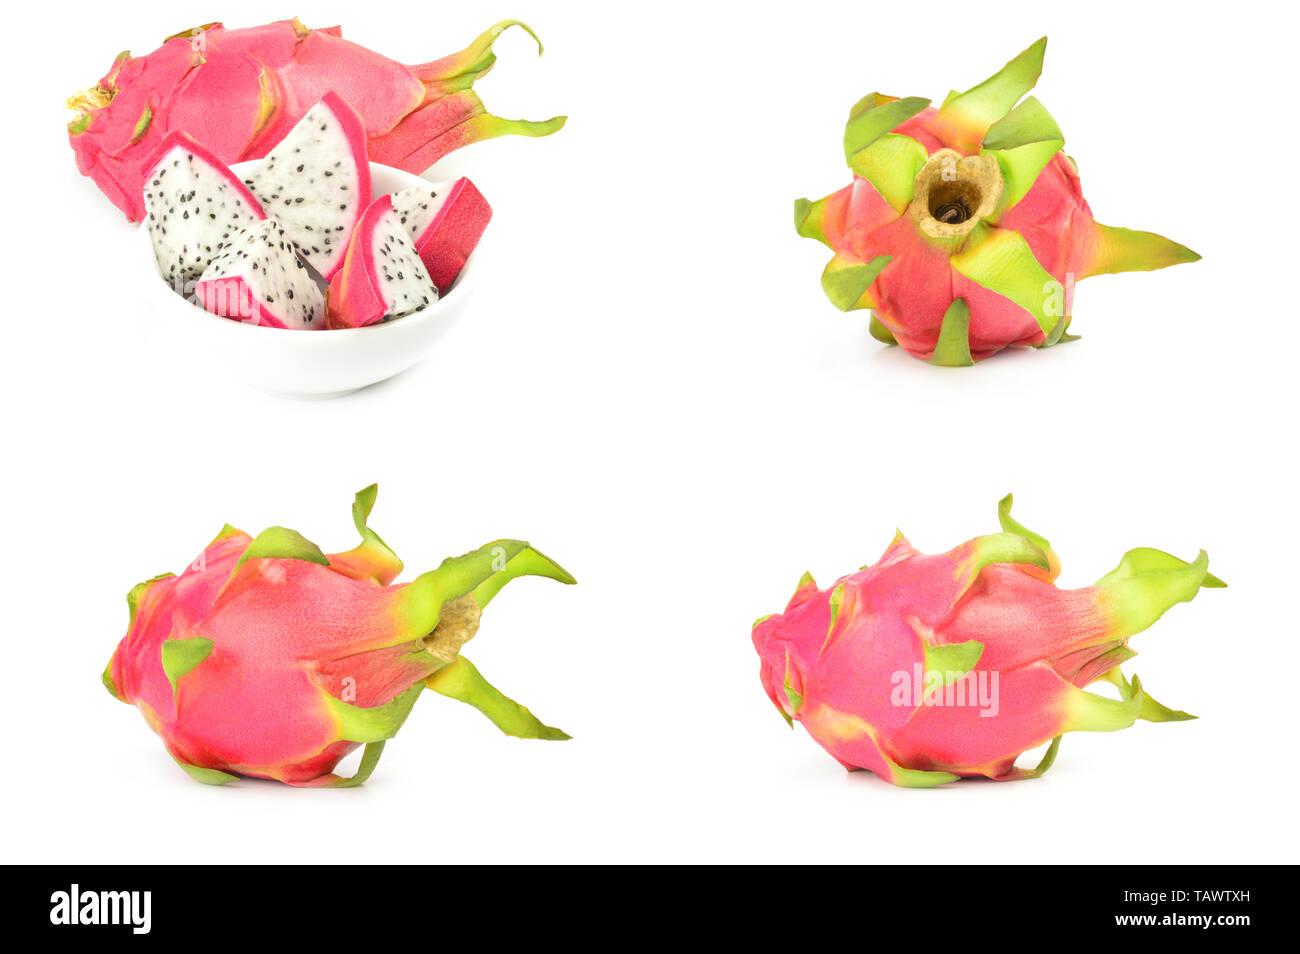 Collection de dragon fruit isolé sur un fond blanc dentelle Banque D'Images